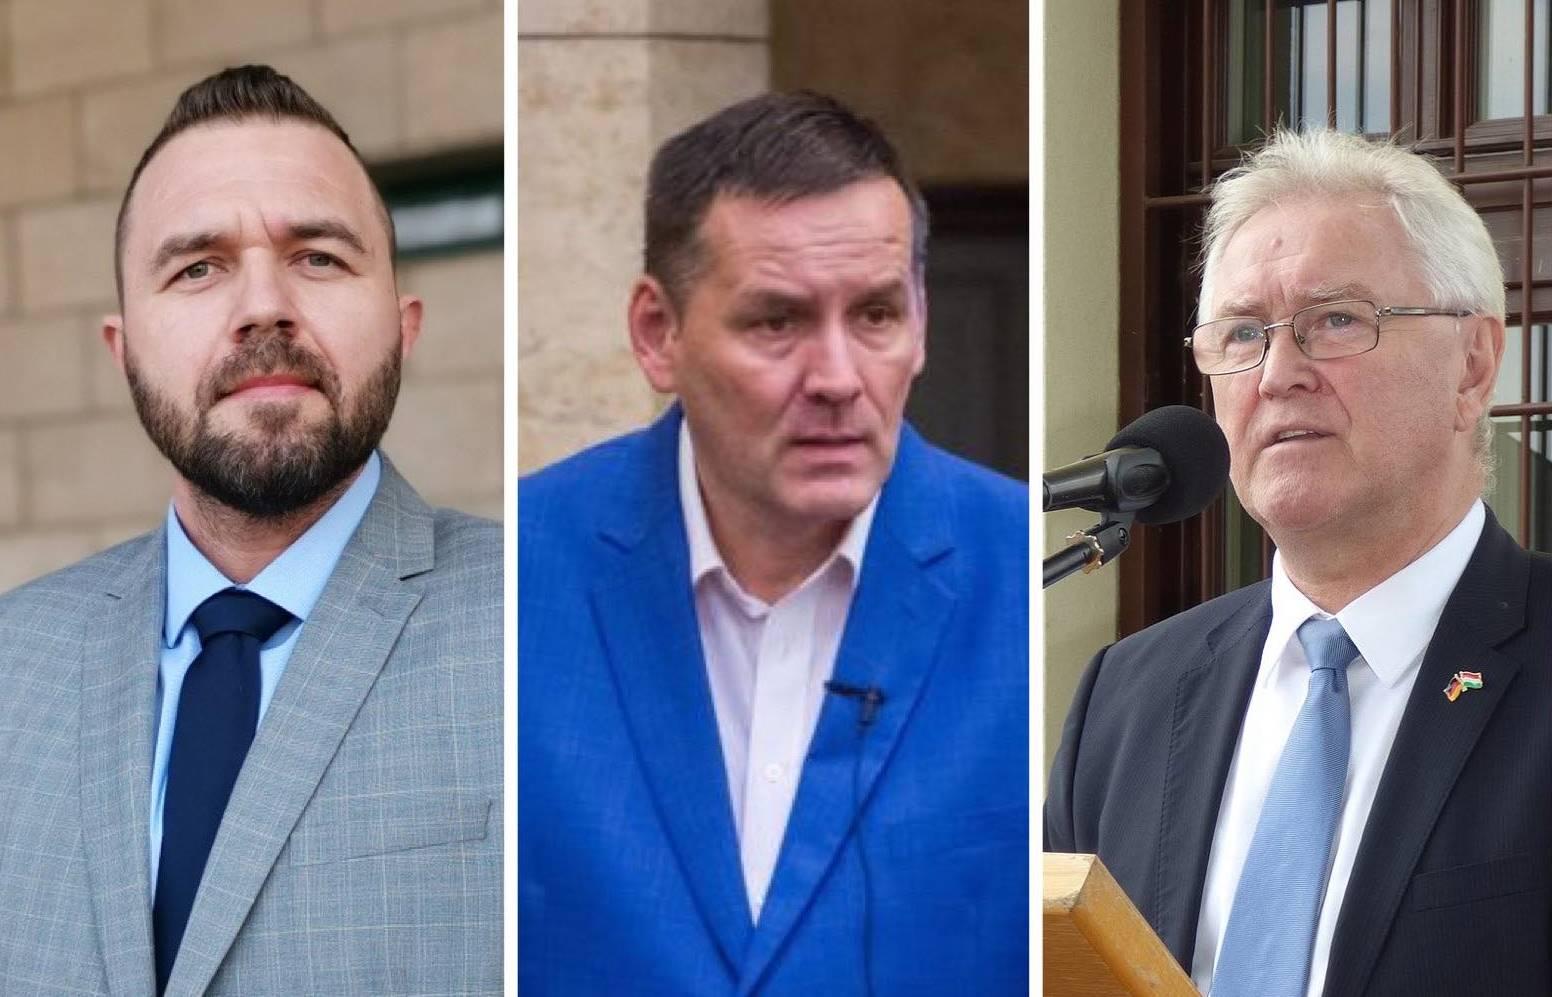 Ismerje meg Eriket (Fülöp), Jánost (Volner) és Imrét (Ritter) - Ők papíron ugyan független képviselők, de nélkülük a mai szavazáson sem lett volna meg a Fidesz kétharmados többsége!